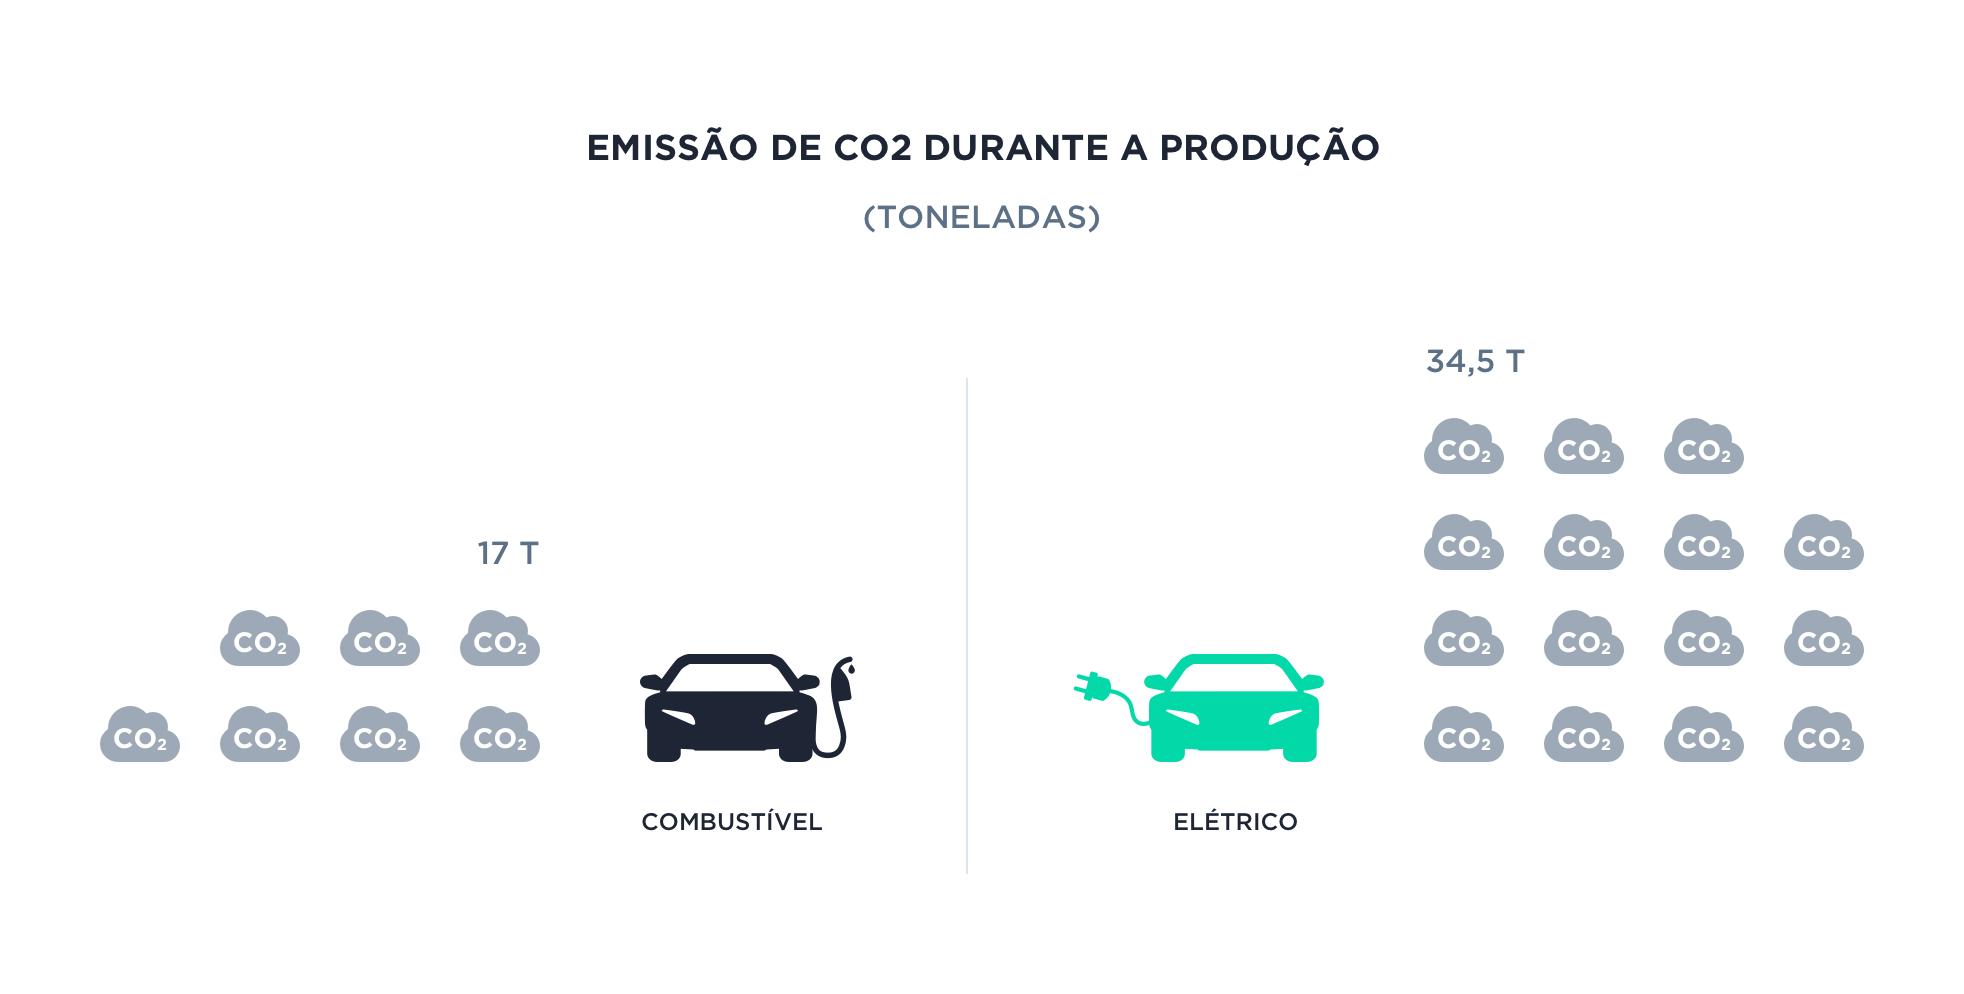 """0?e=2123168400&v=beta&t=hl5nqYNjf6QznS0YXi1IKjfJLzBWowQ4vUBwSYPFMKM - Veículos de """"zero emissão"""" são de verdade """"zero emissão""""?"""